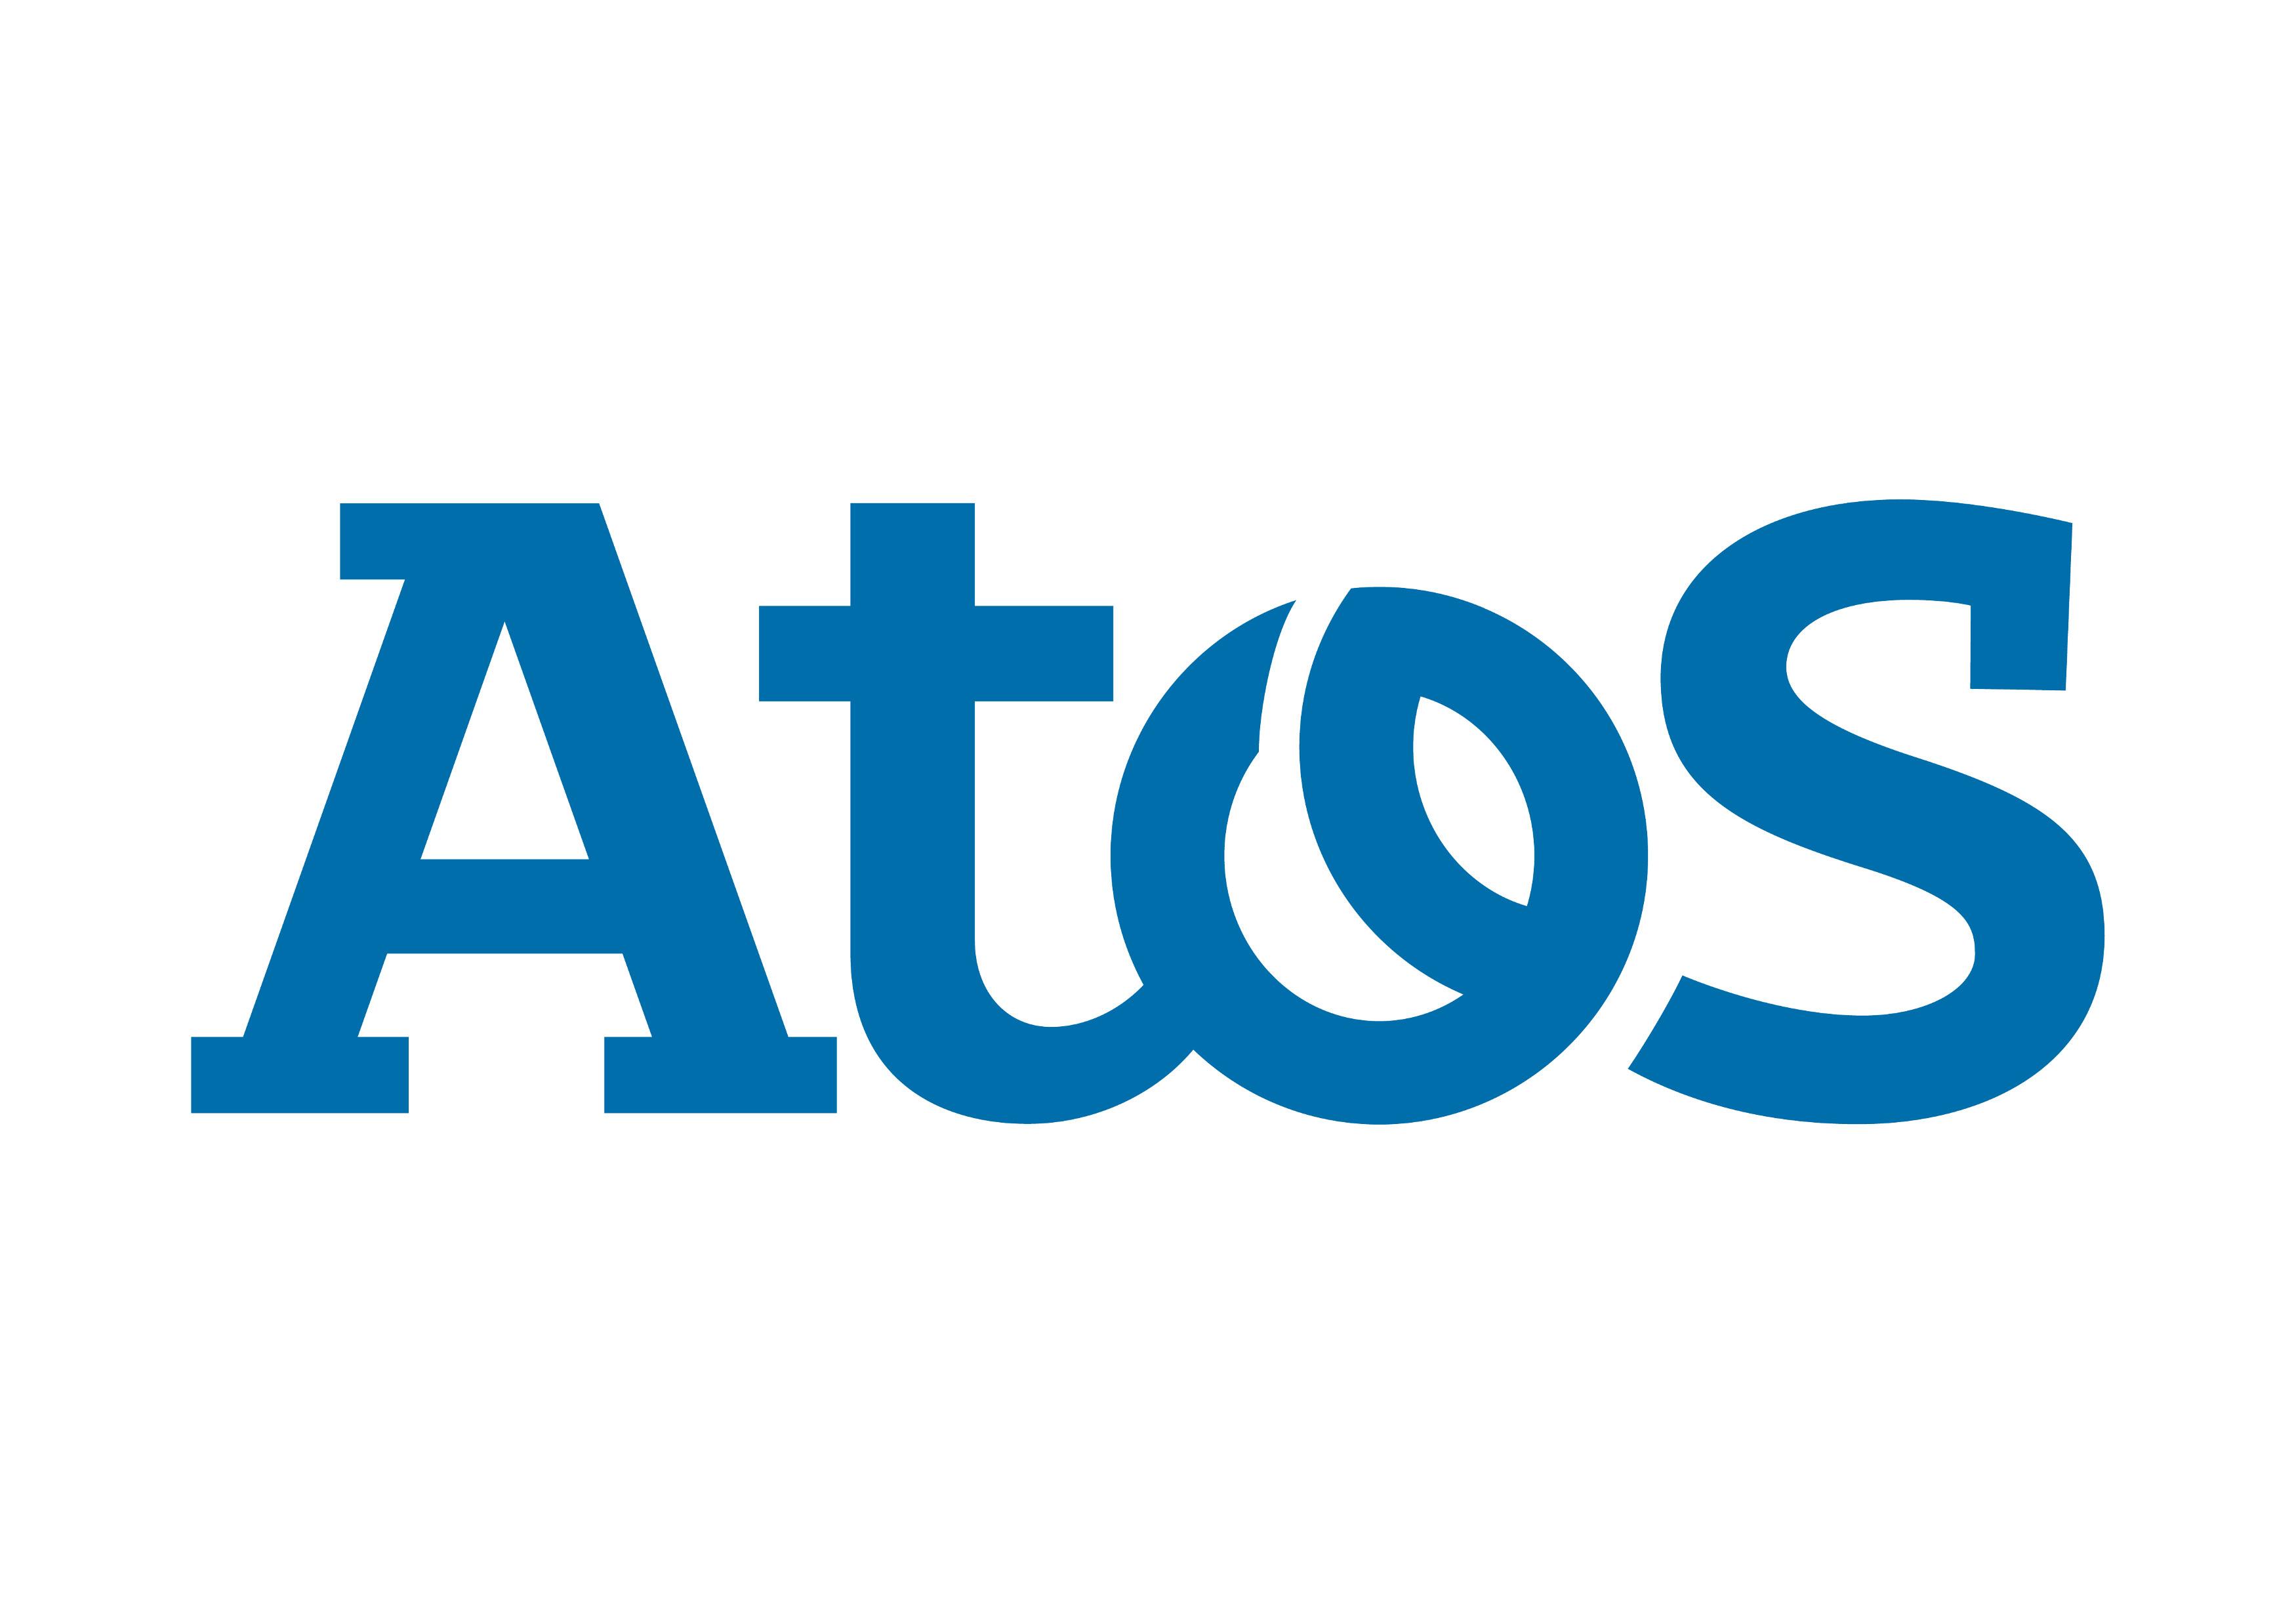 Atos remporte un contrat majeur aux Etats-Unis pour assurer la cybersécurité de l'Etat de Virginie. dans - - - IMPRESSION 3D - USINE DU FUTUR. Intelligence artificielle.